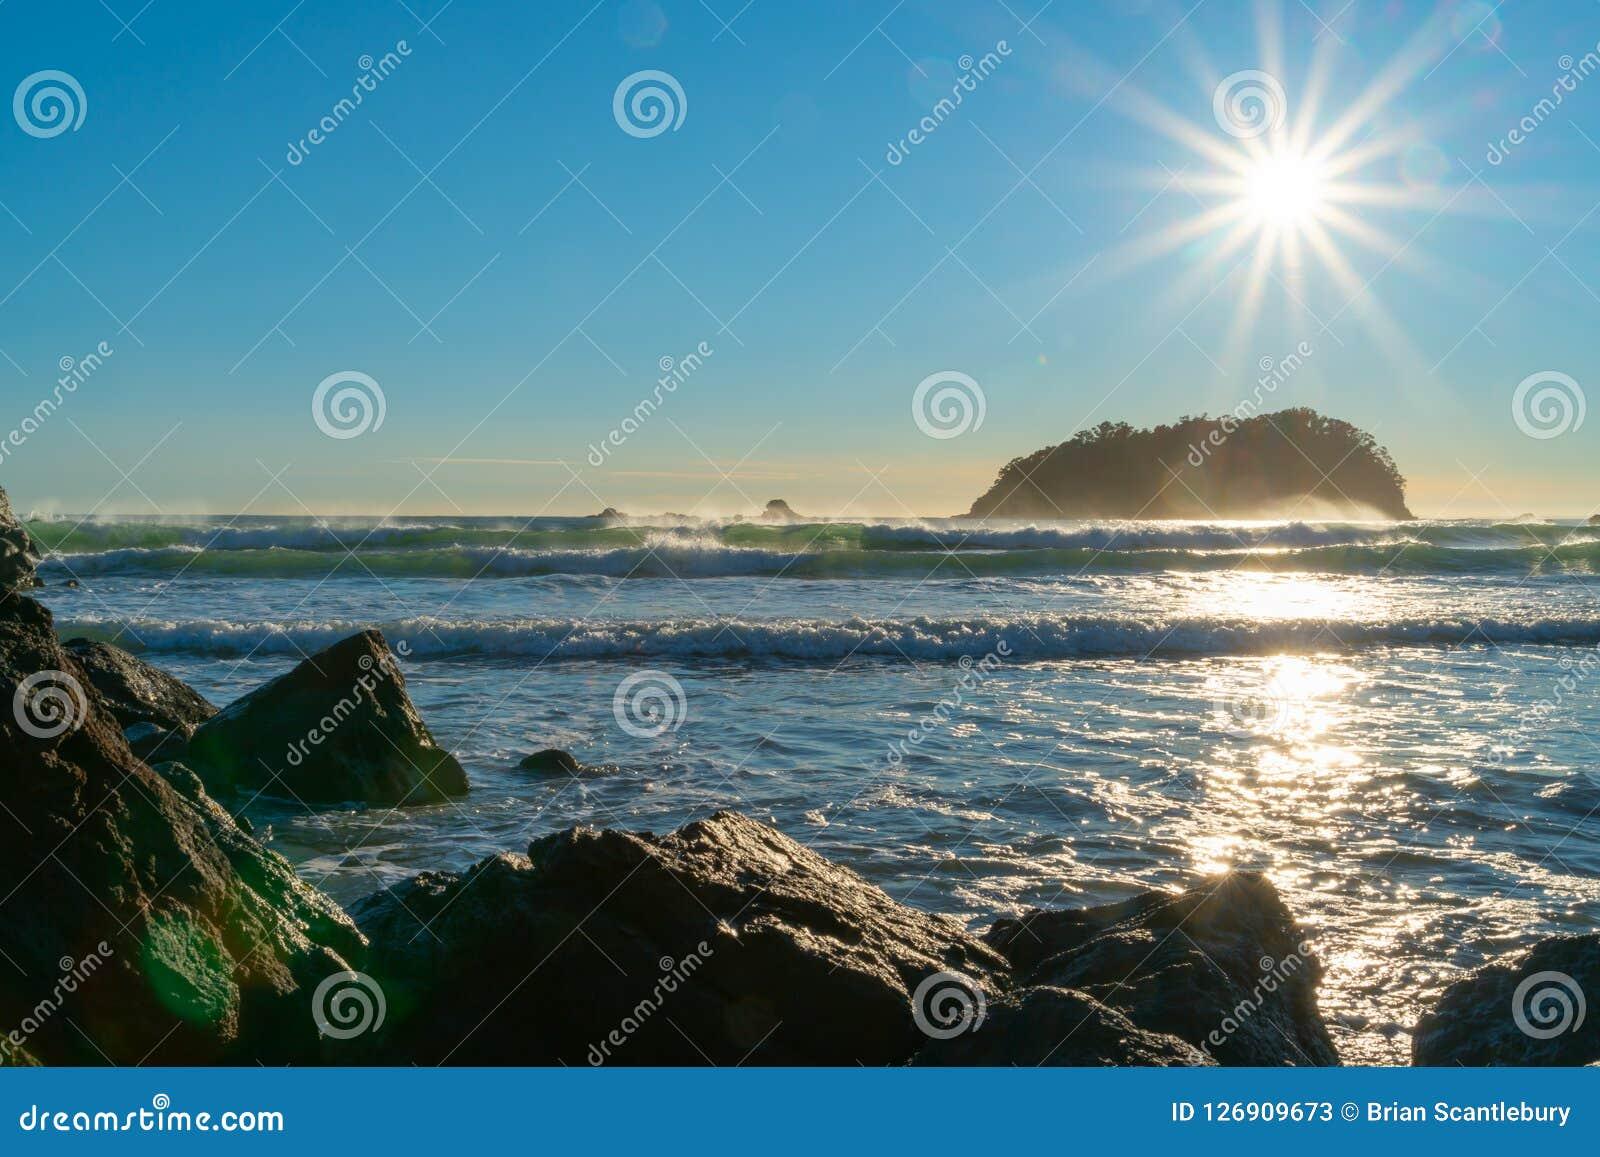 Obiektywu raca, stunning nad skalistą nabrzeżną krawędzią